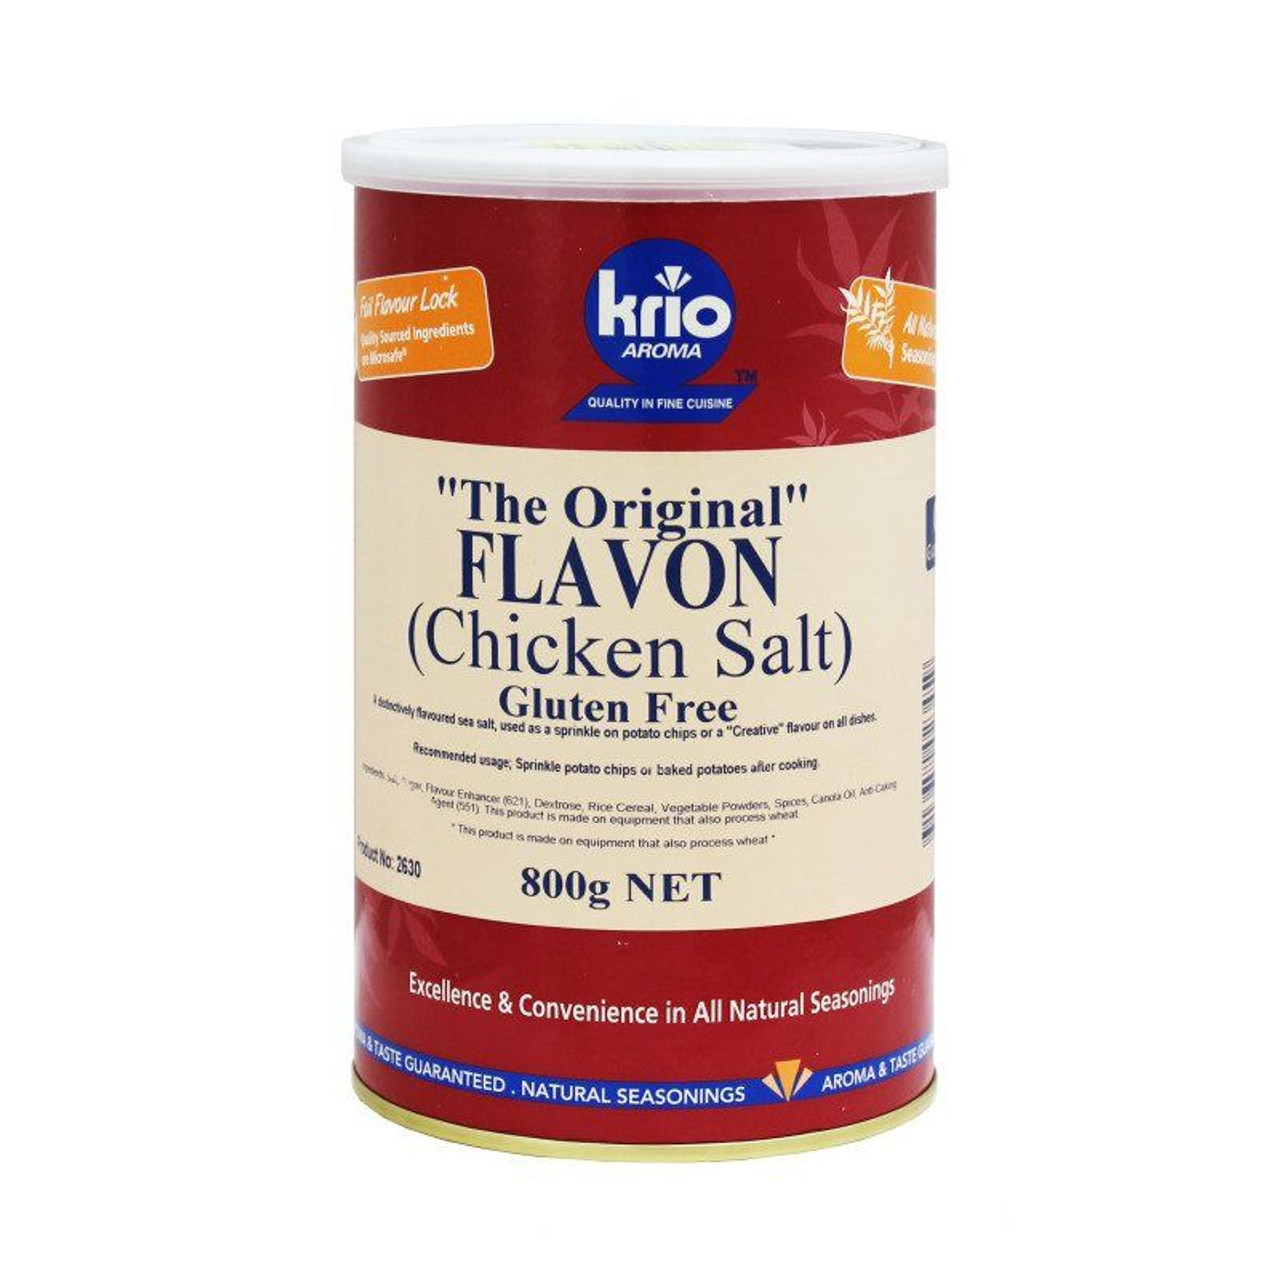 Chicken Salt (Flavon) 800g - Krio Krush